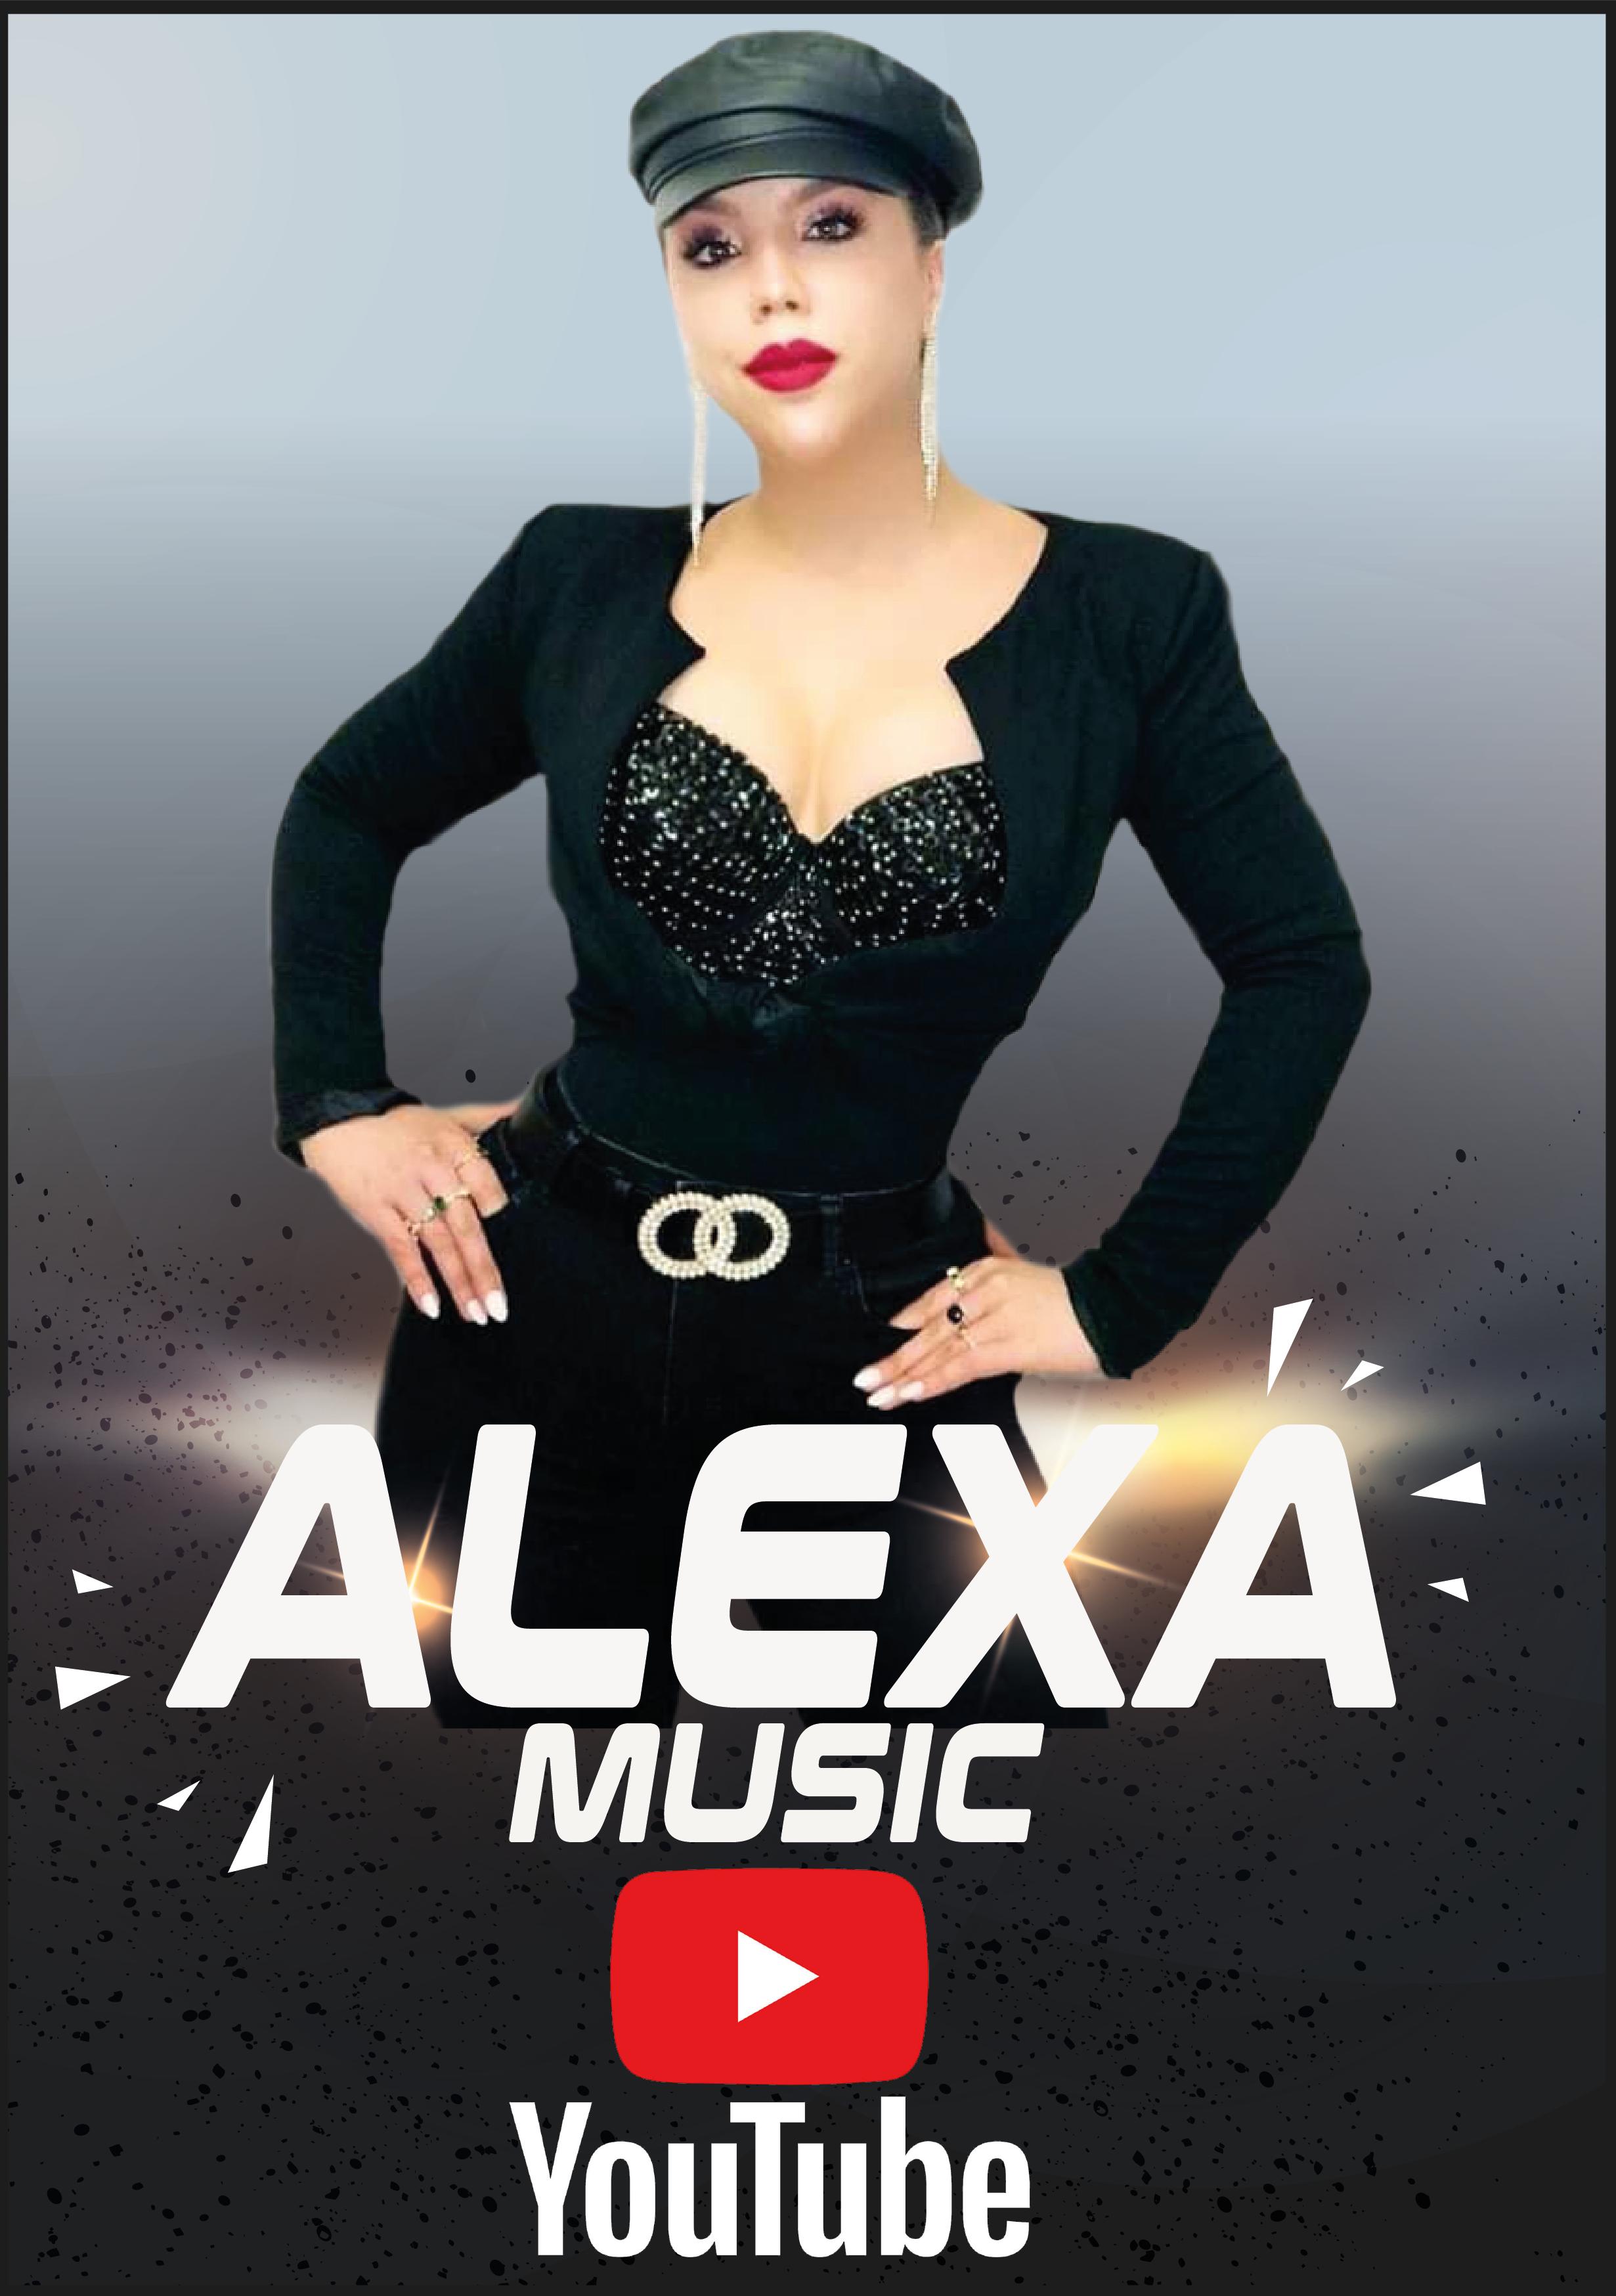 ALEXA- MUSIC-20- flayer